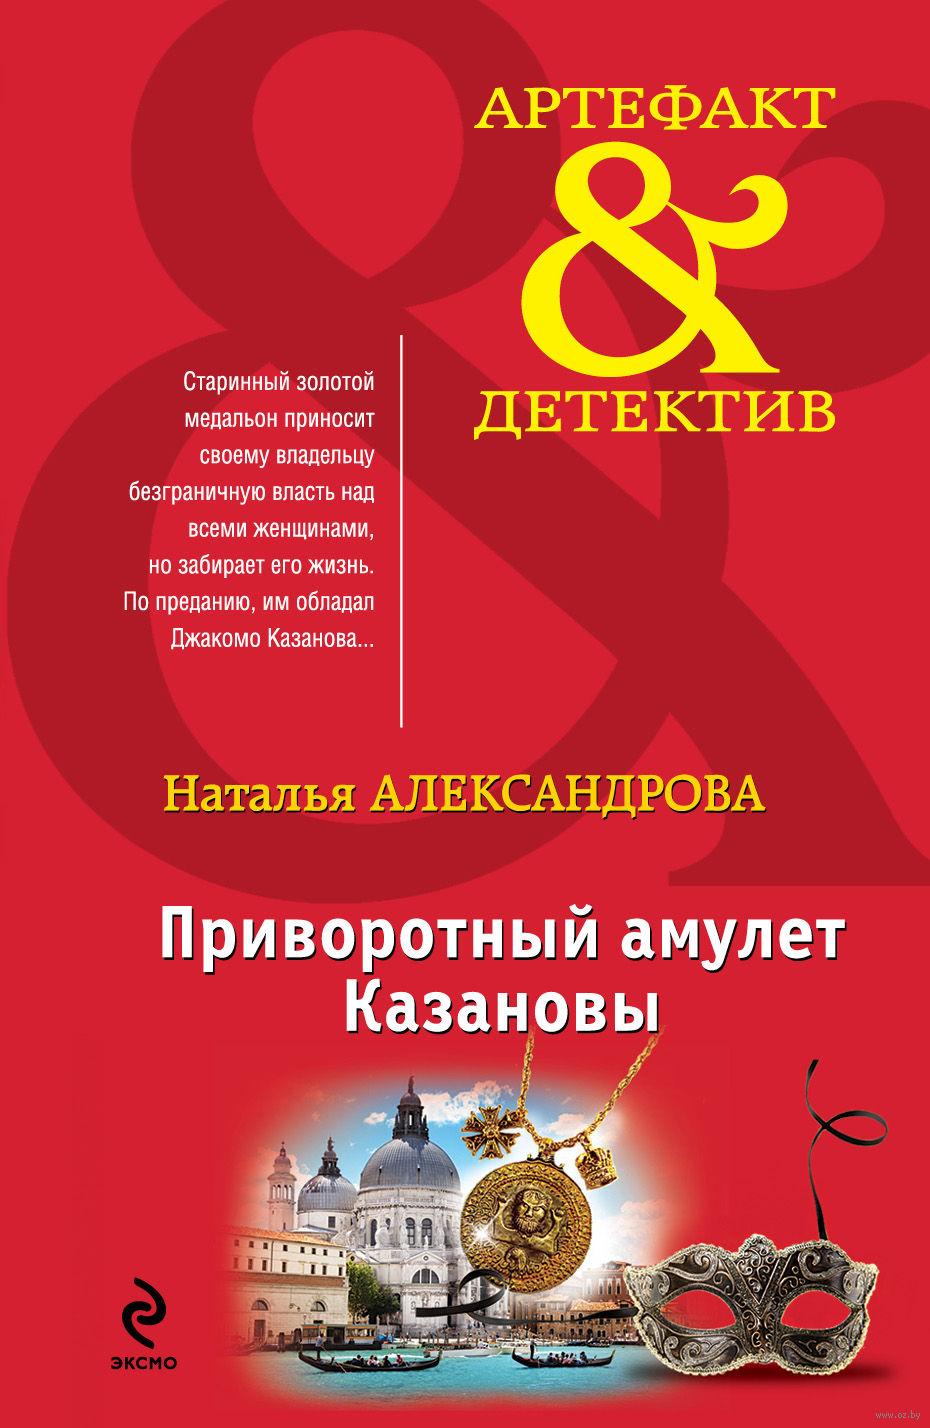 Русская школа казановы 9 фотография